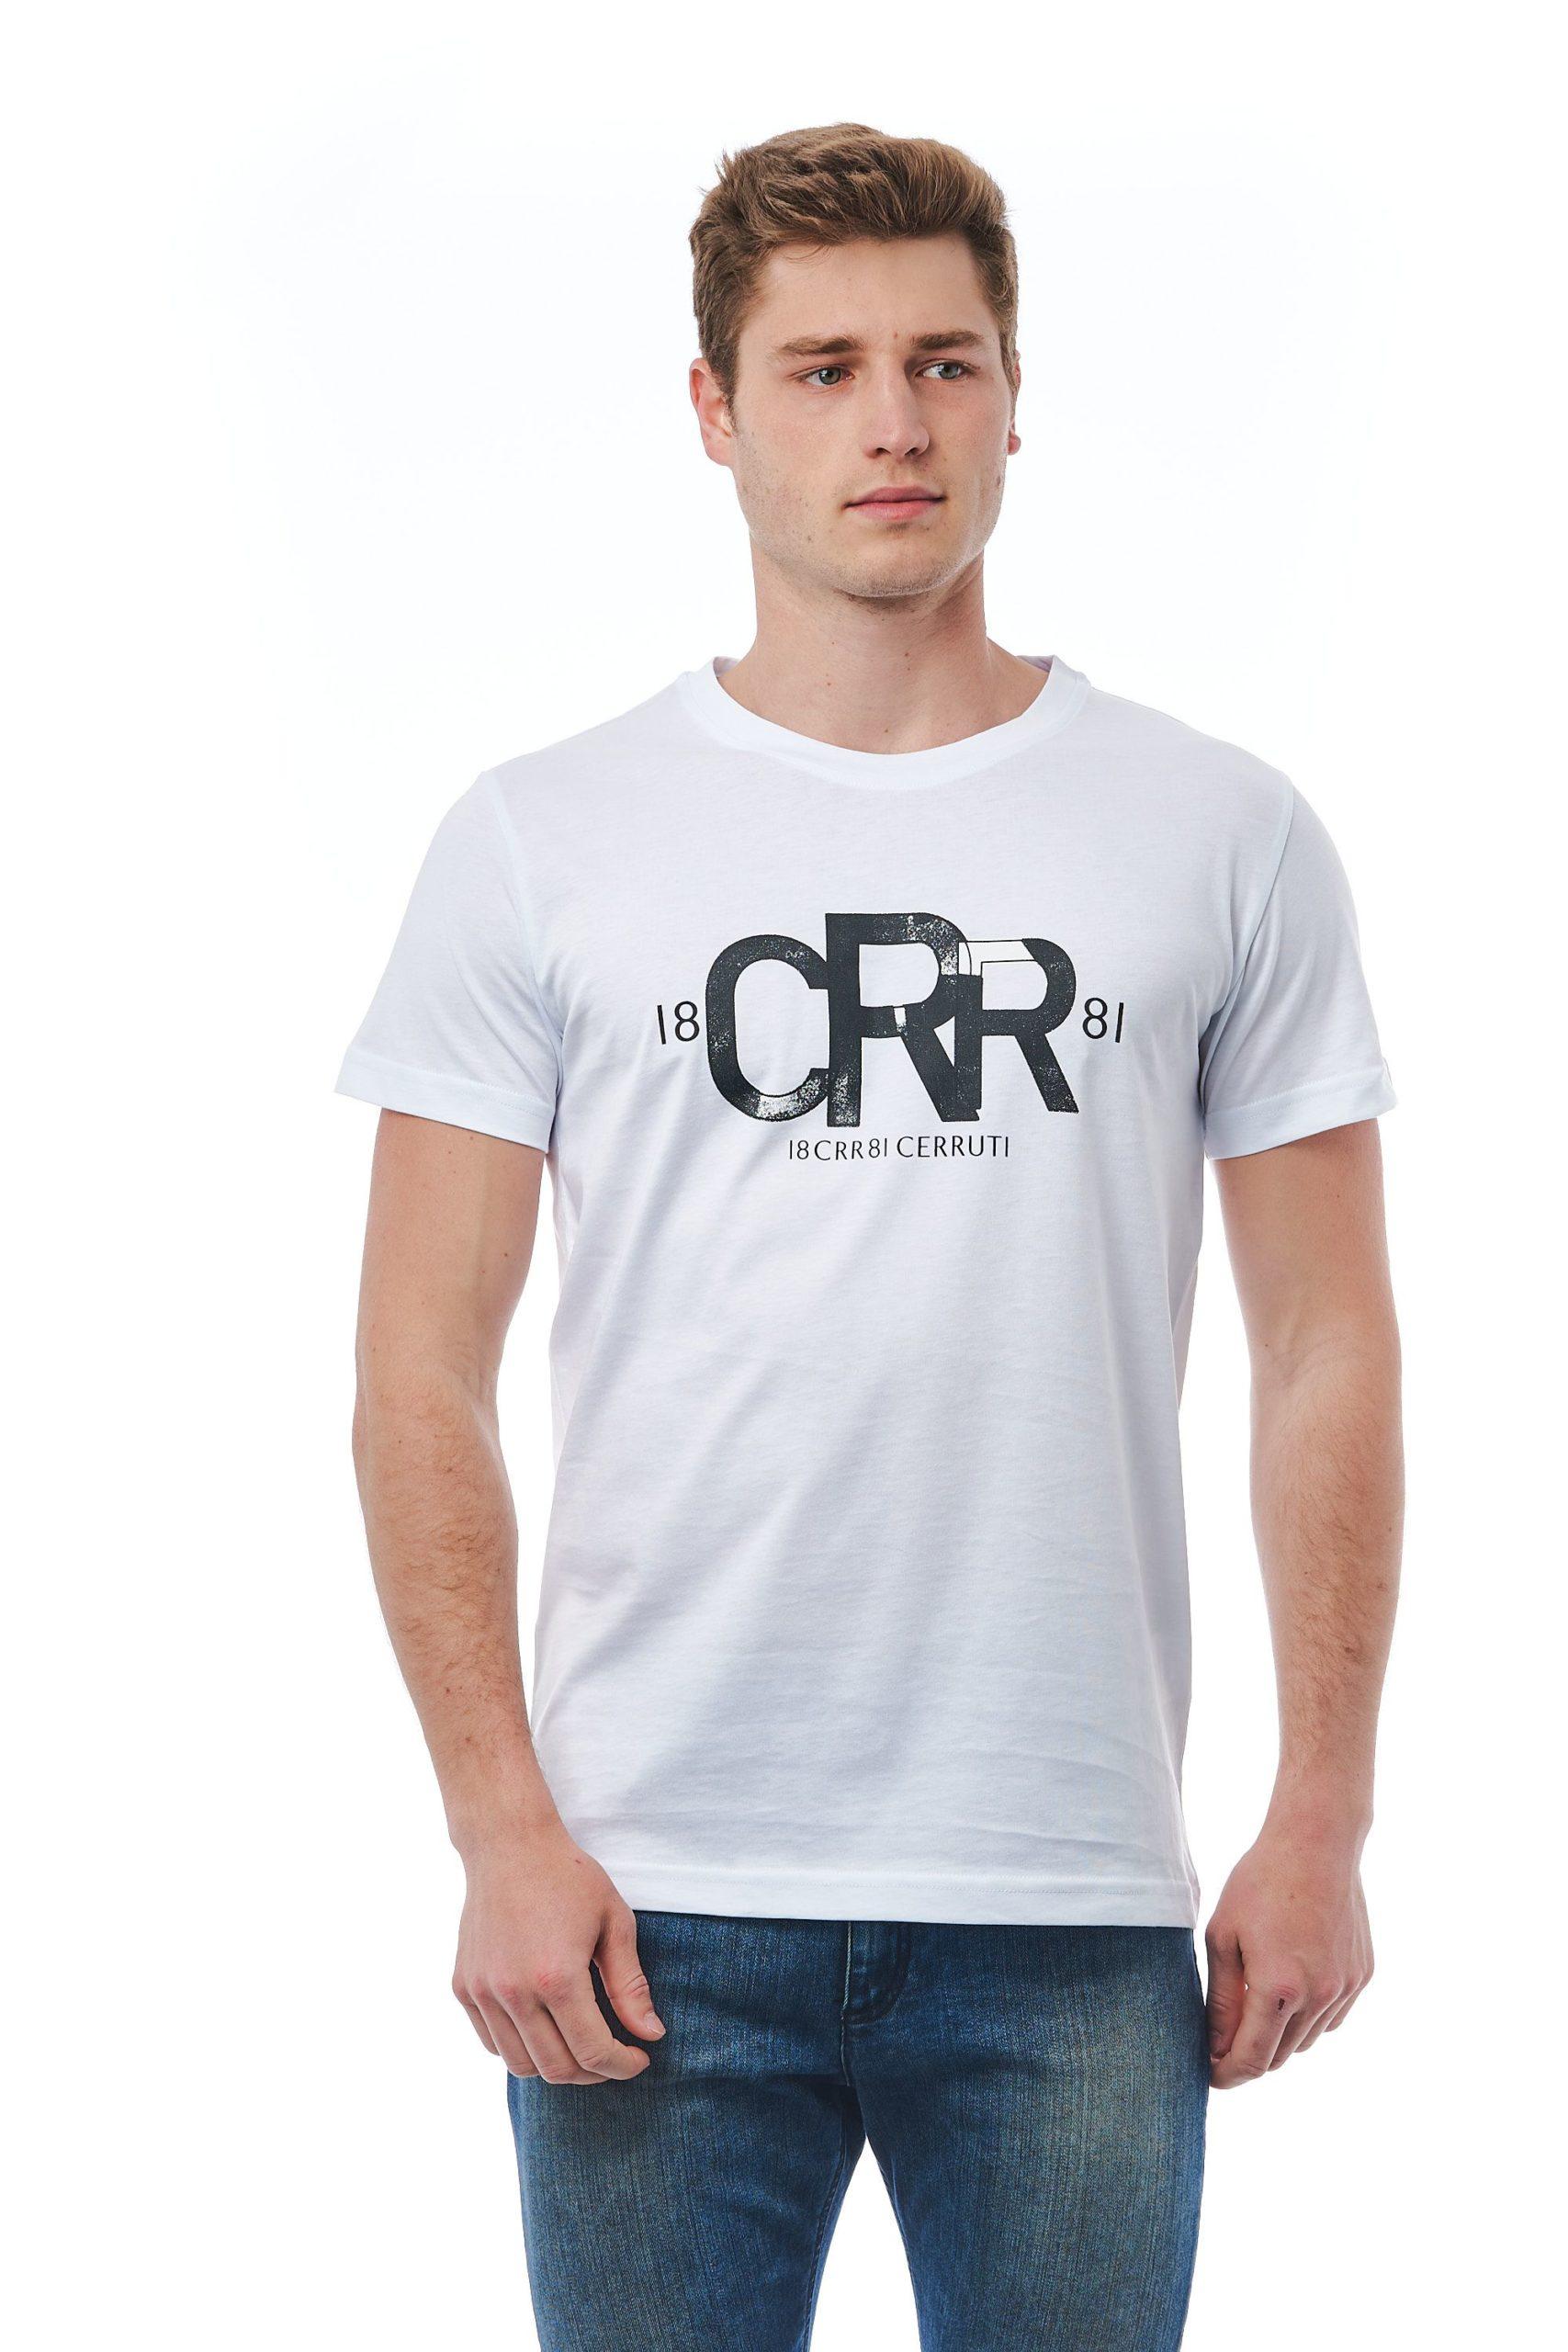 Cerruti 1881 Men's Bianco T-Shirt White CE1409879 - L